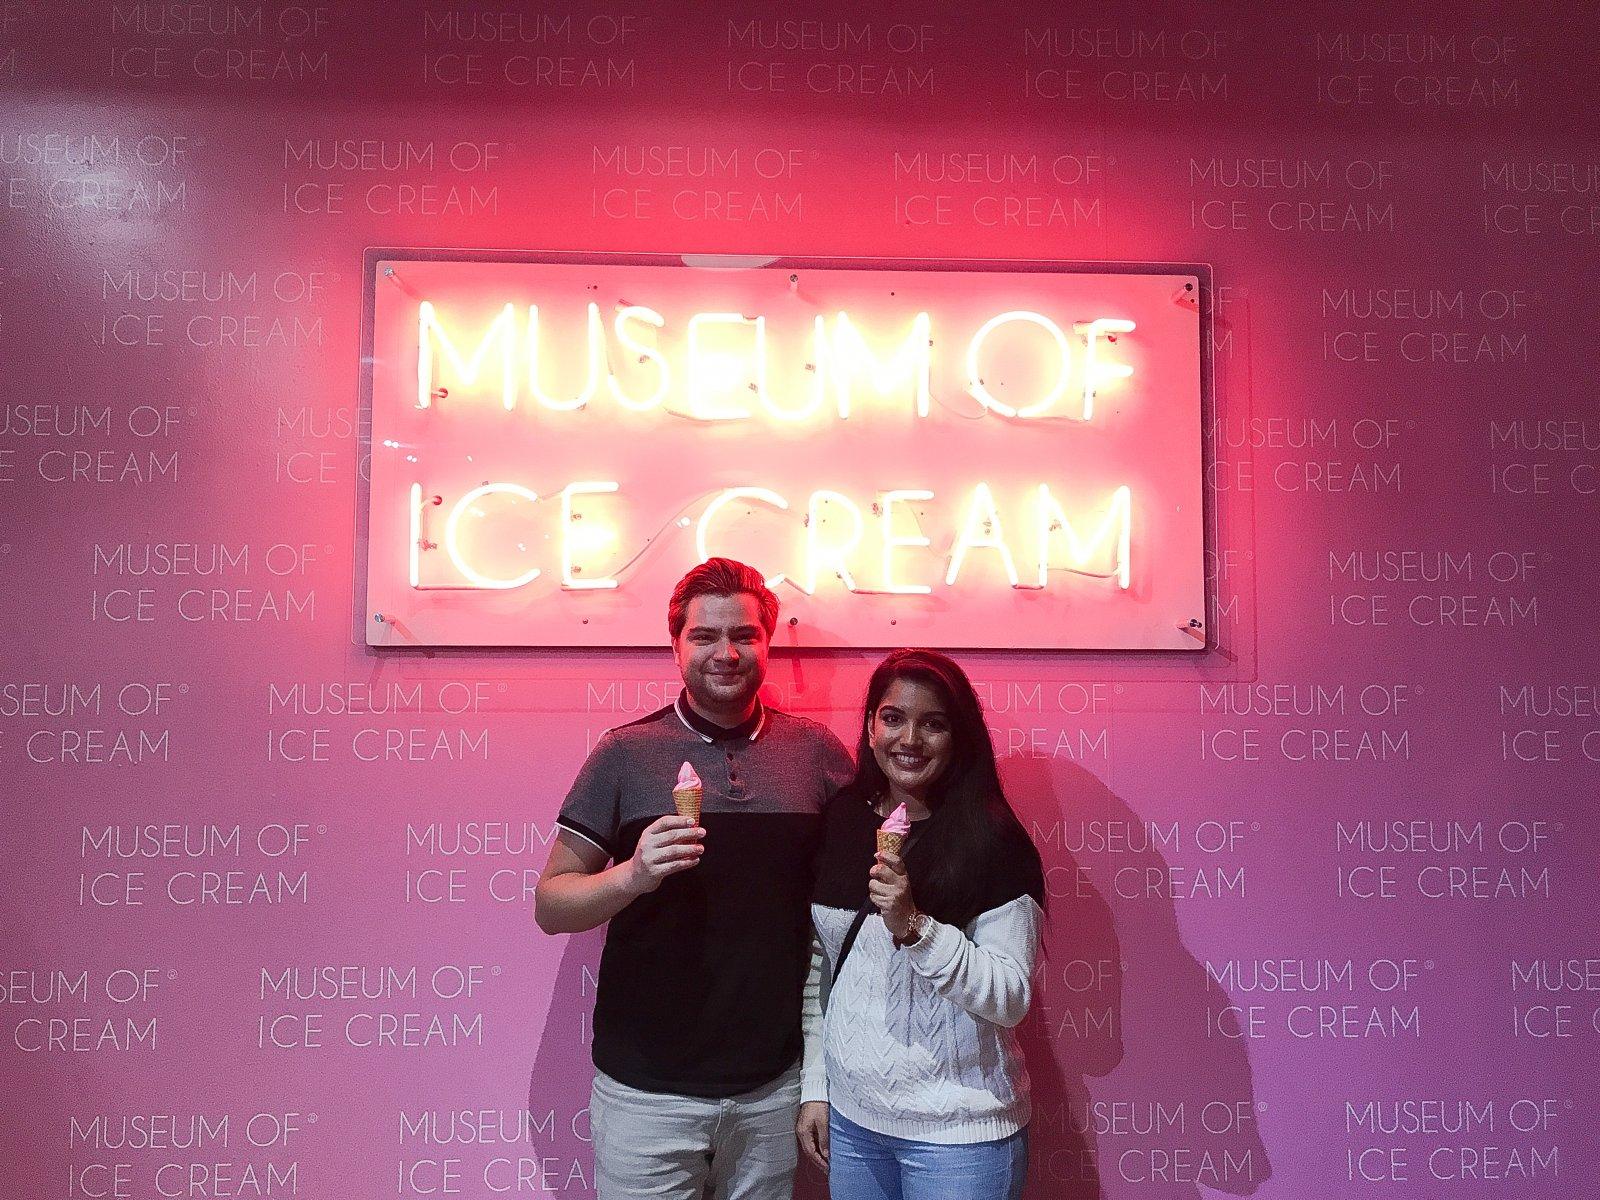 Museum of Ice Cream Lit Sign